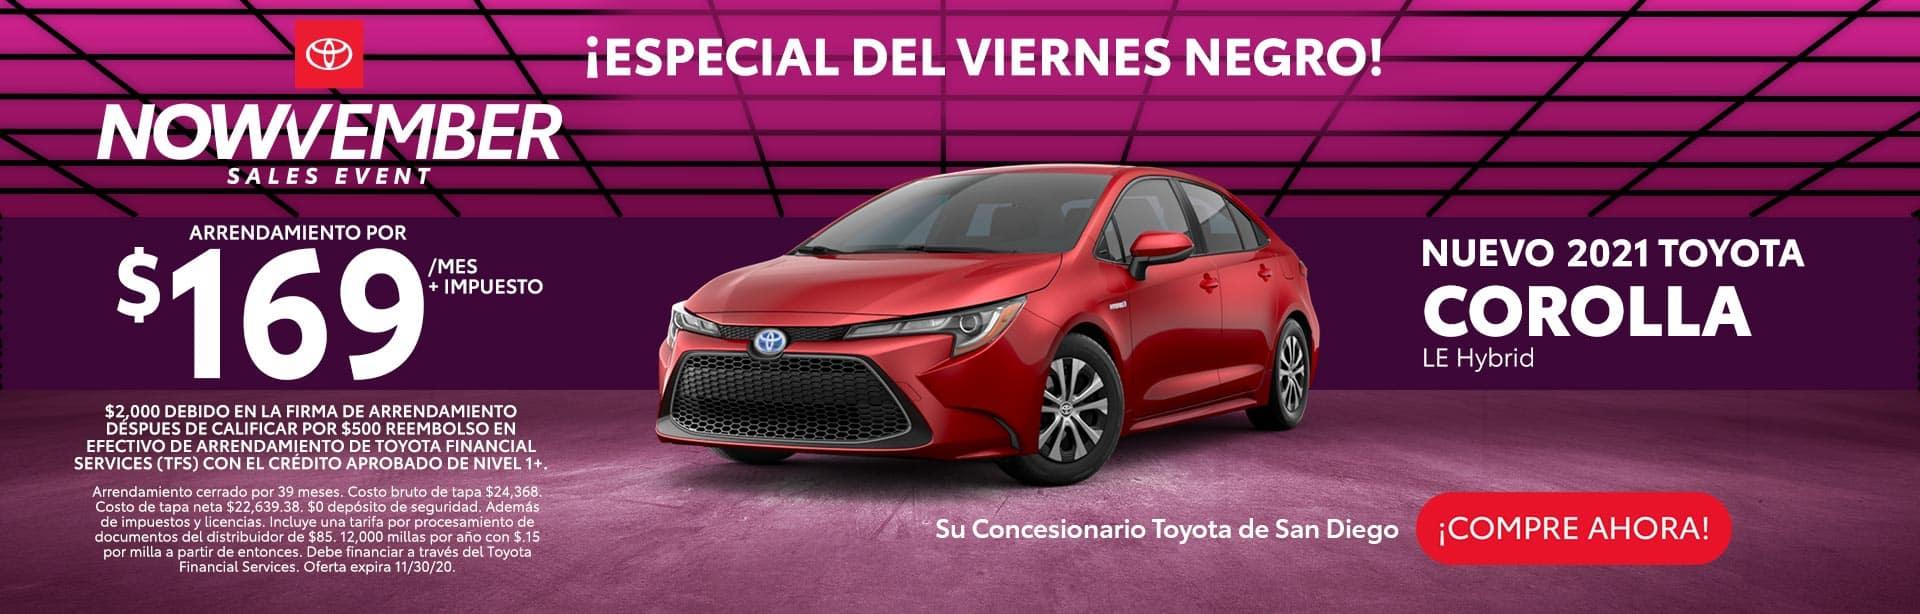 NRTSD_1920x614_Slide_ESP_11-20_Corolla_Hybrid1